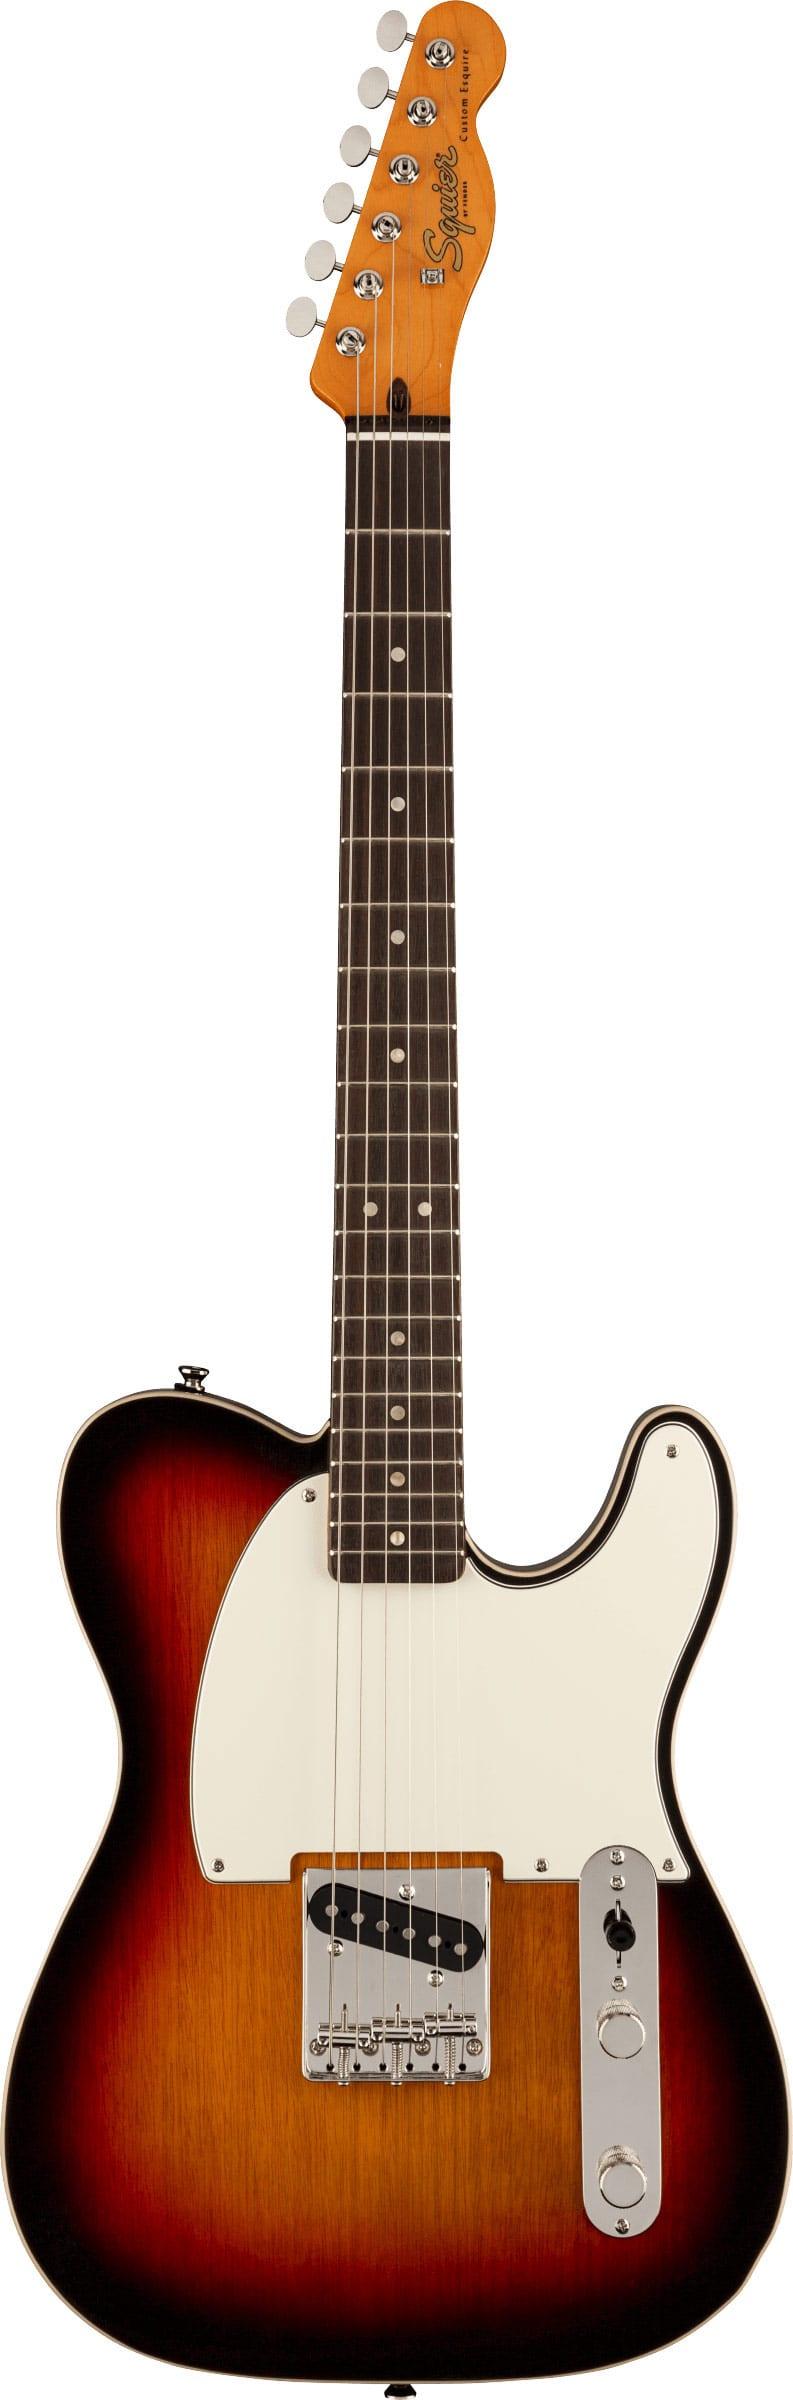 Fender Squier Esquire FSR 60s Classic Vibe Sunburst